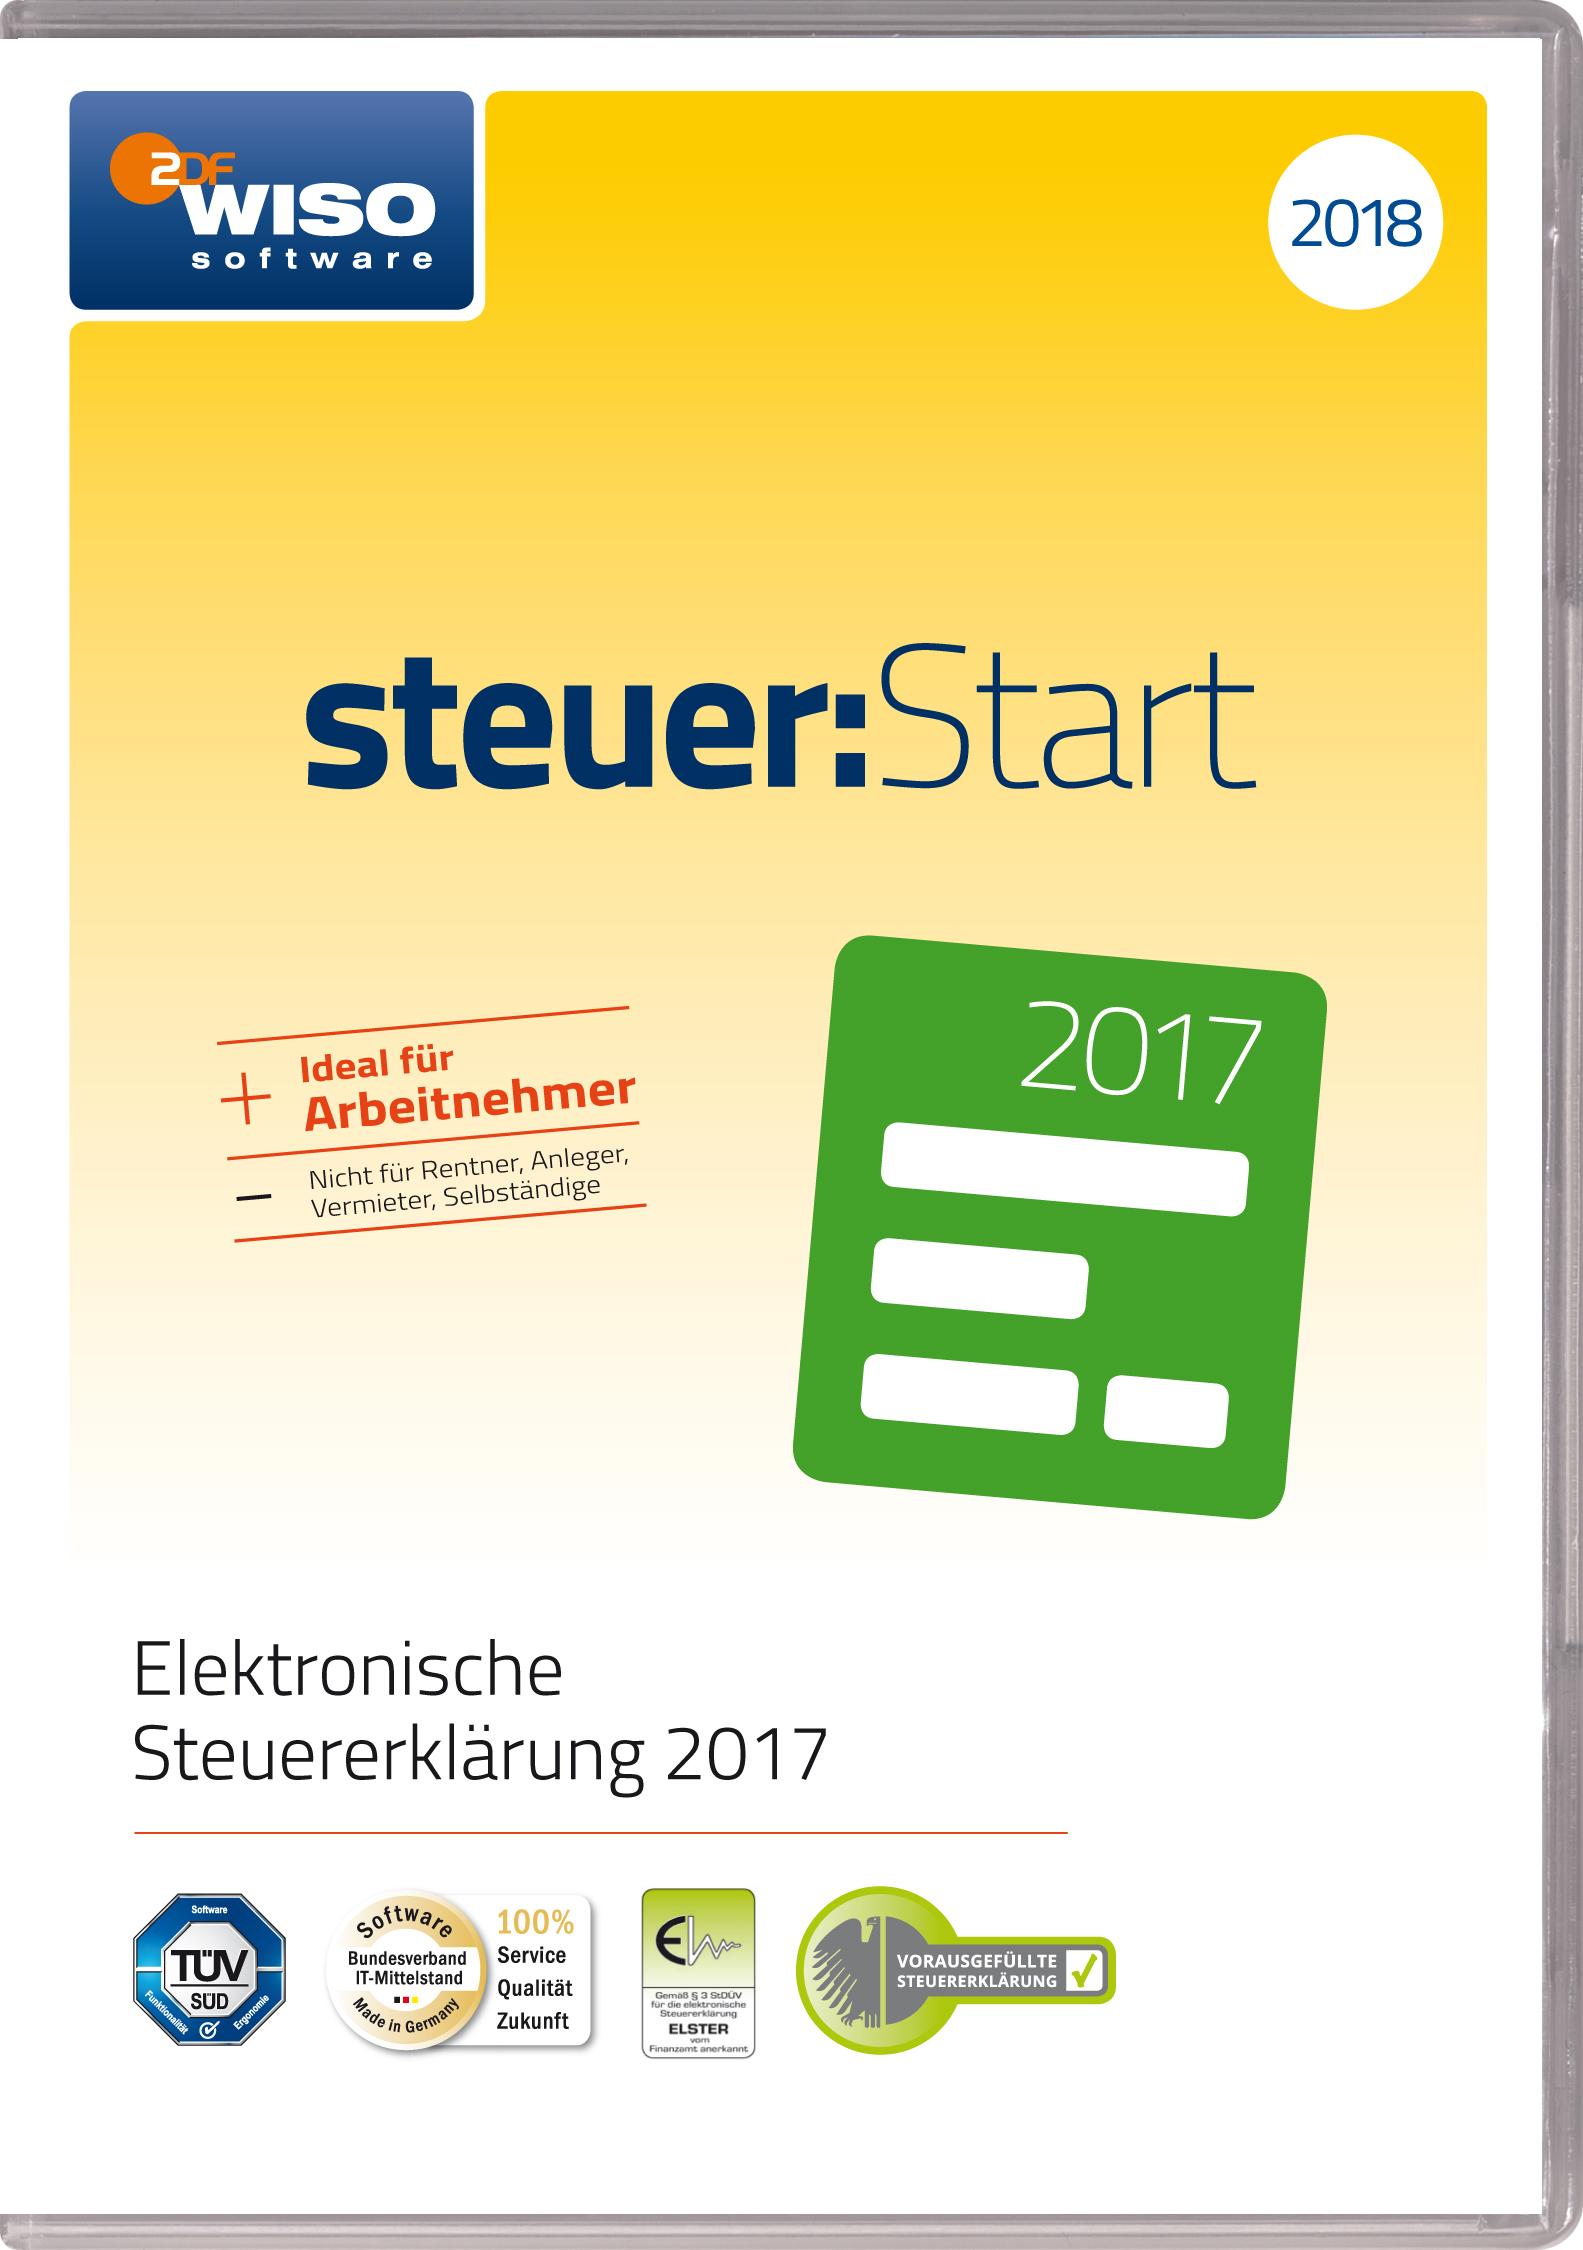 elster steuererklärung 2017 download für mac